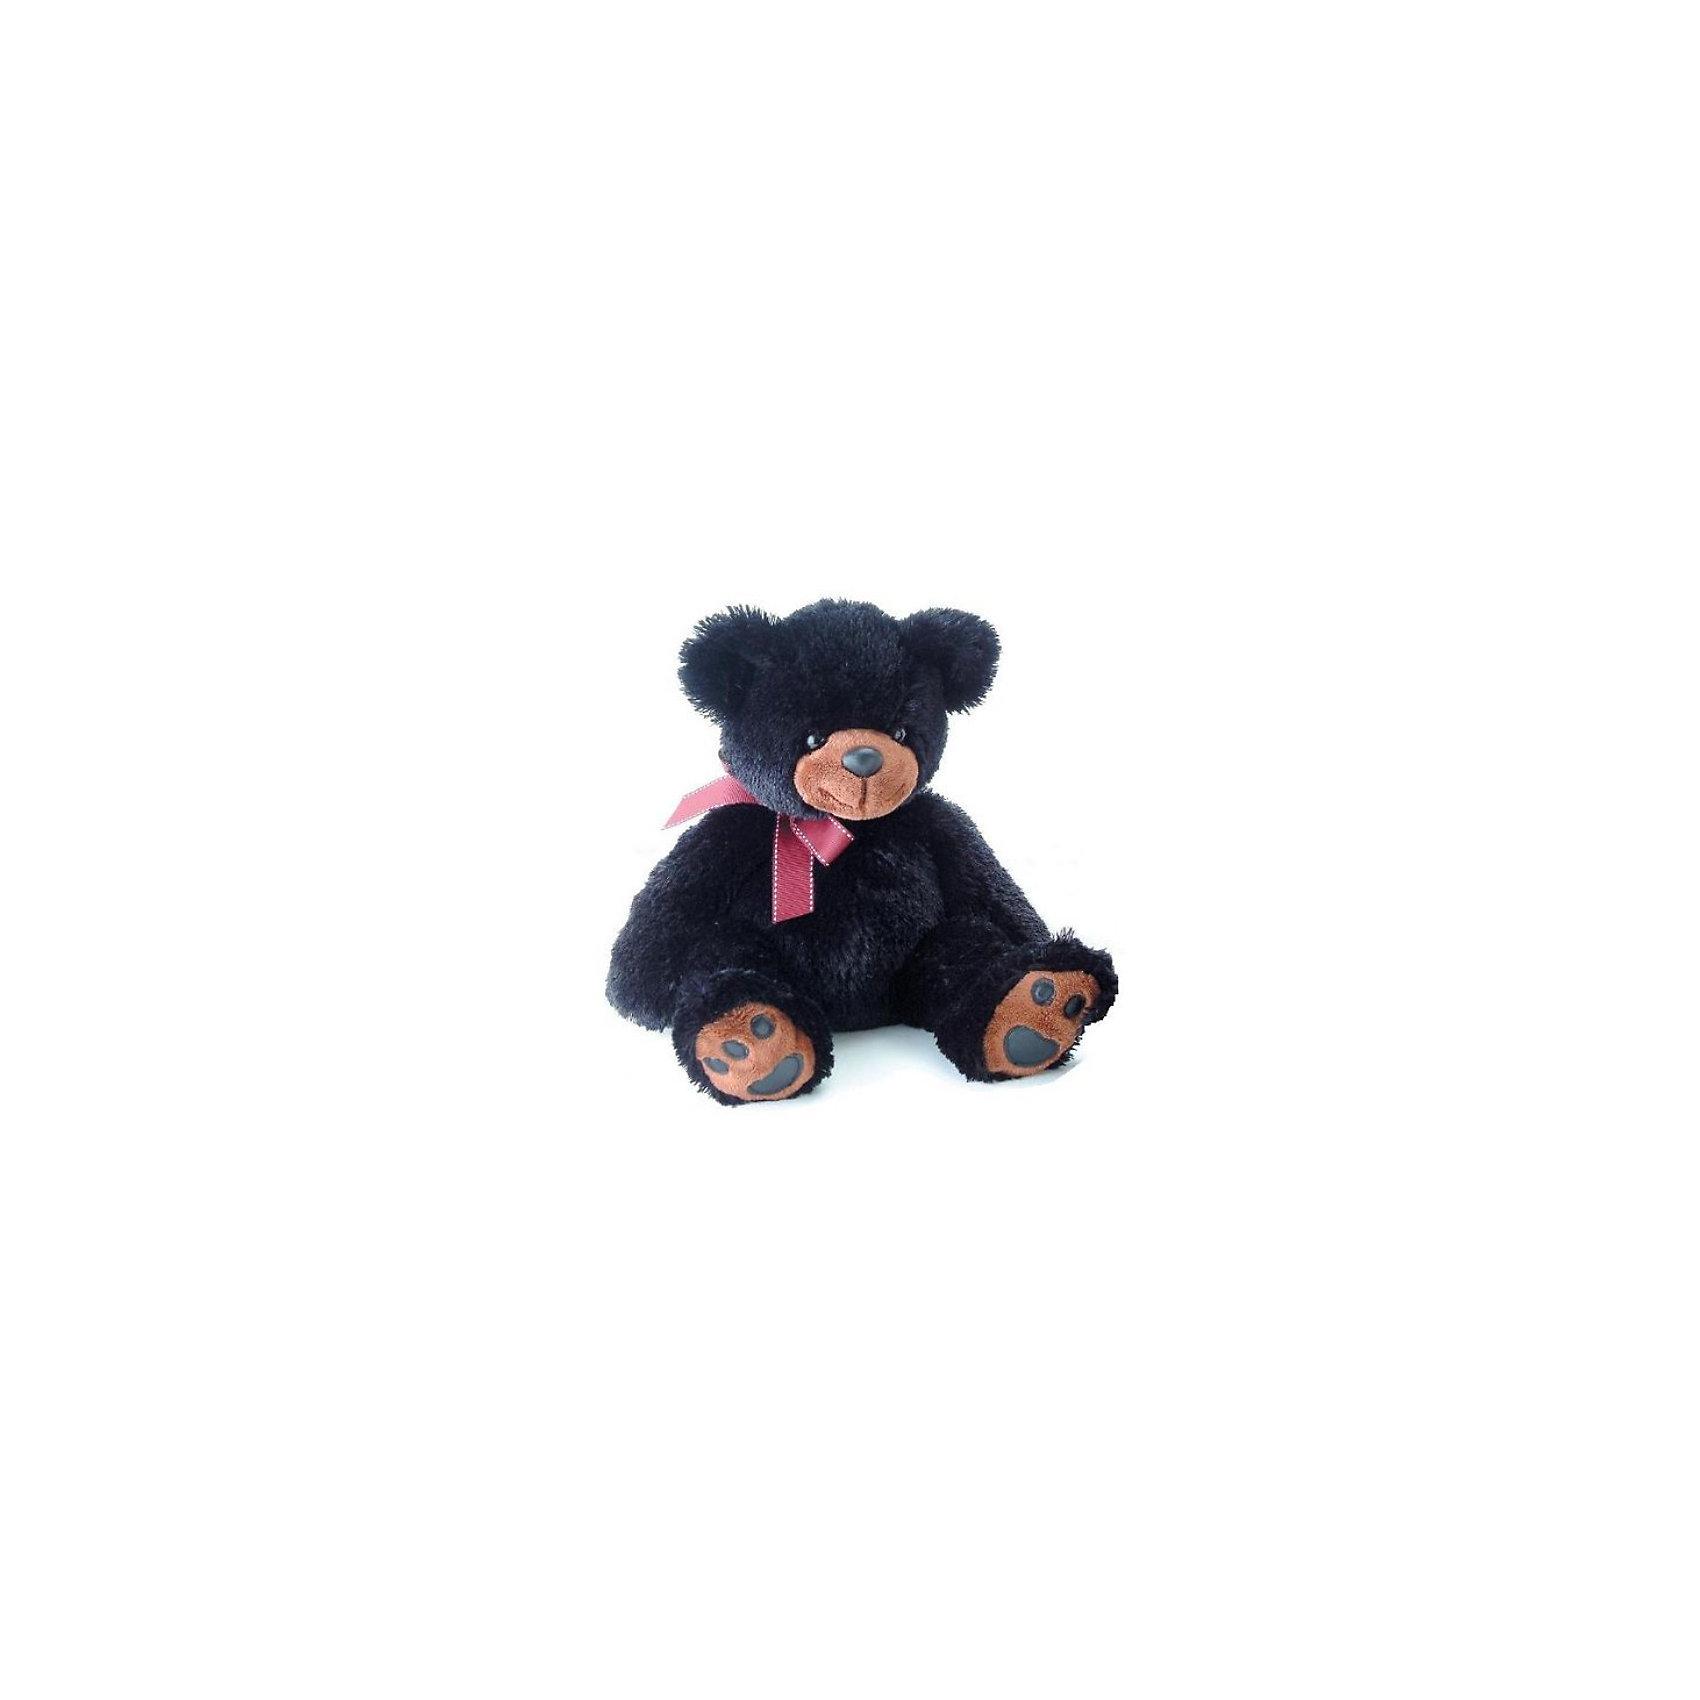 AURORA AURORA Мягкая игрушка  Медведь (чёрный), 70 см aurora мягкая игрушка тигр 28 см